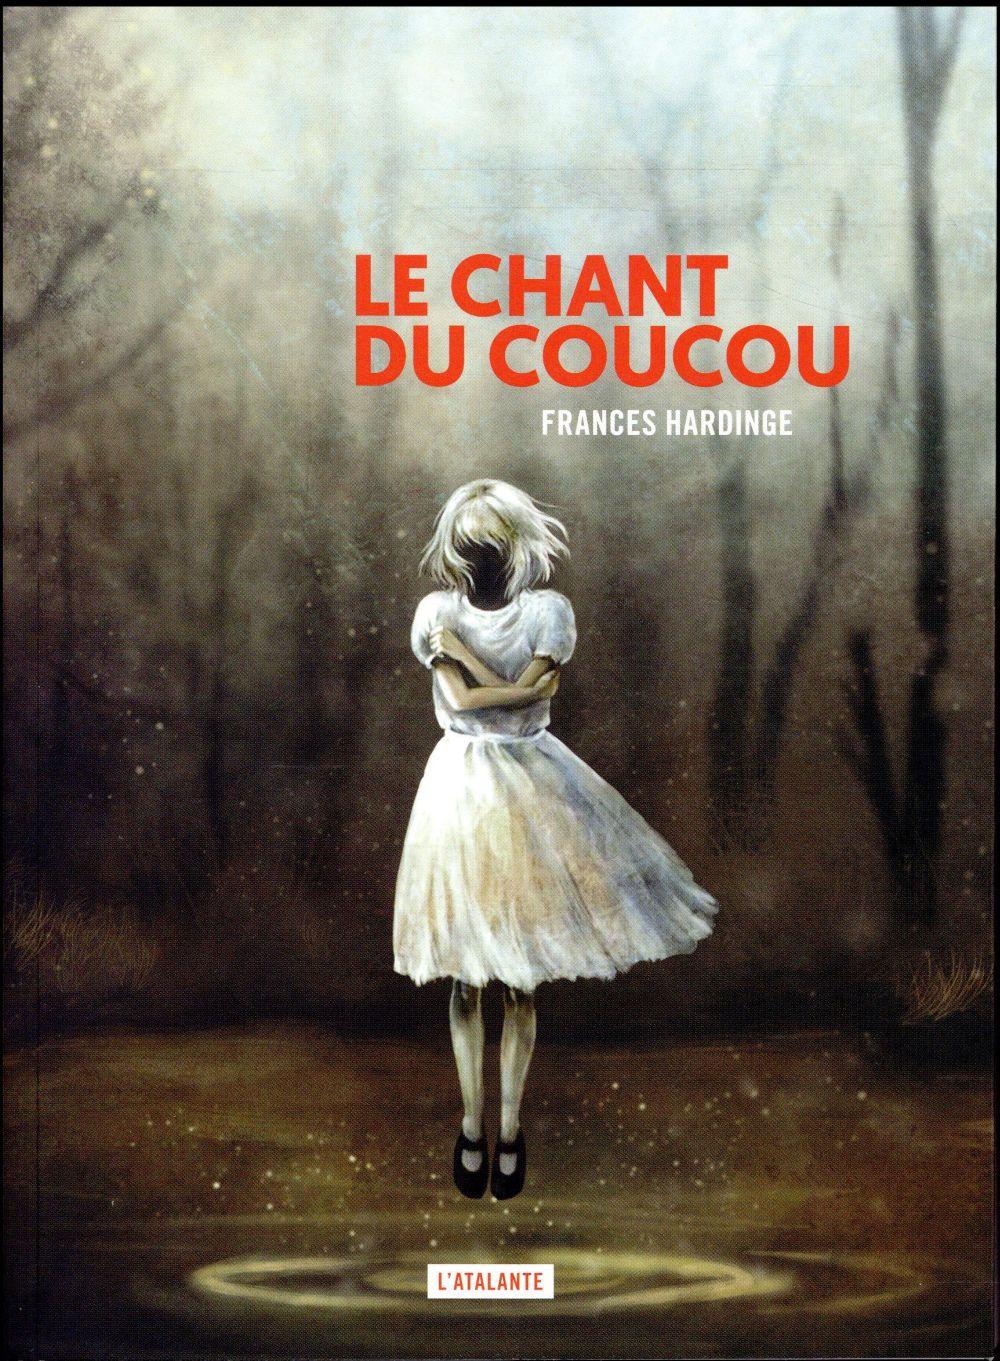 LE CHANT DU COUCOU